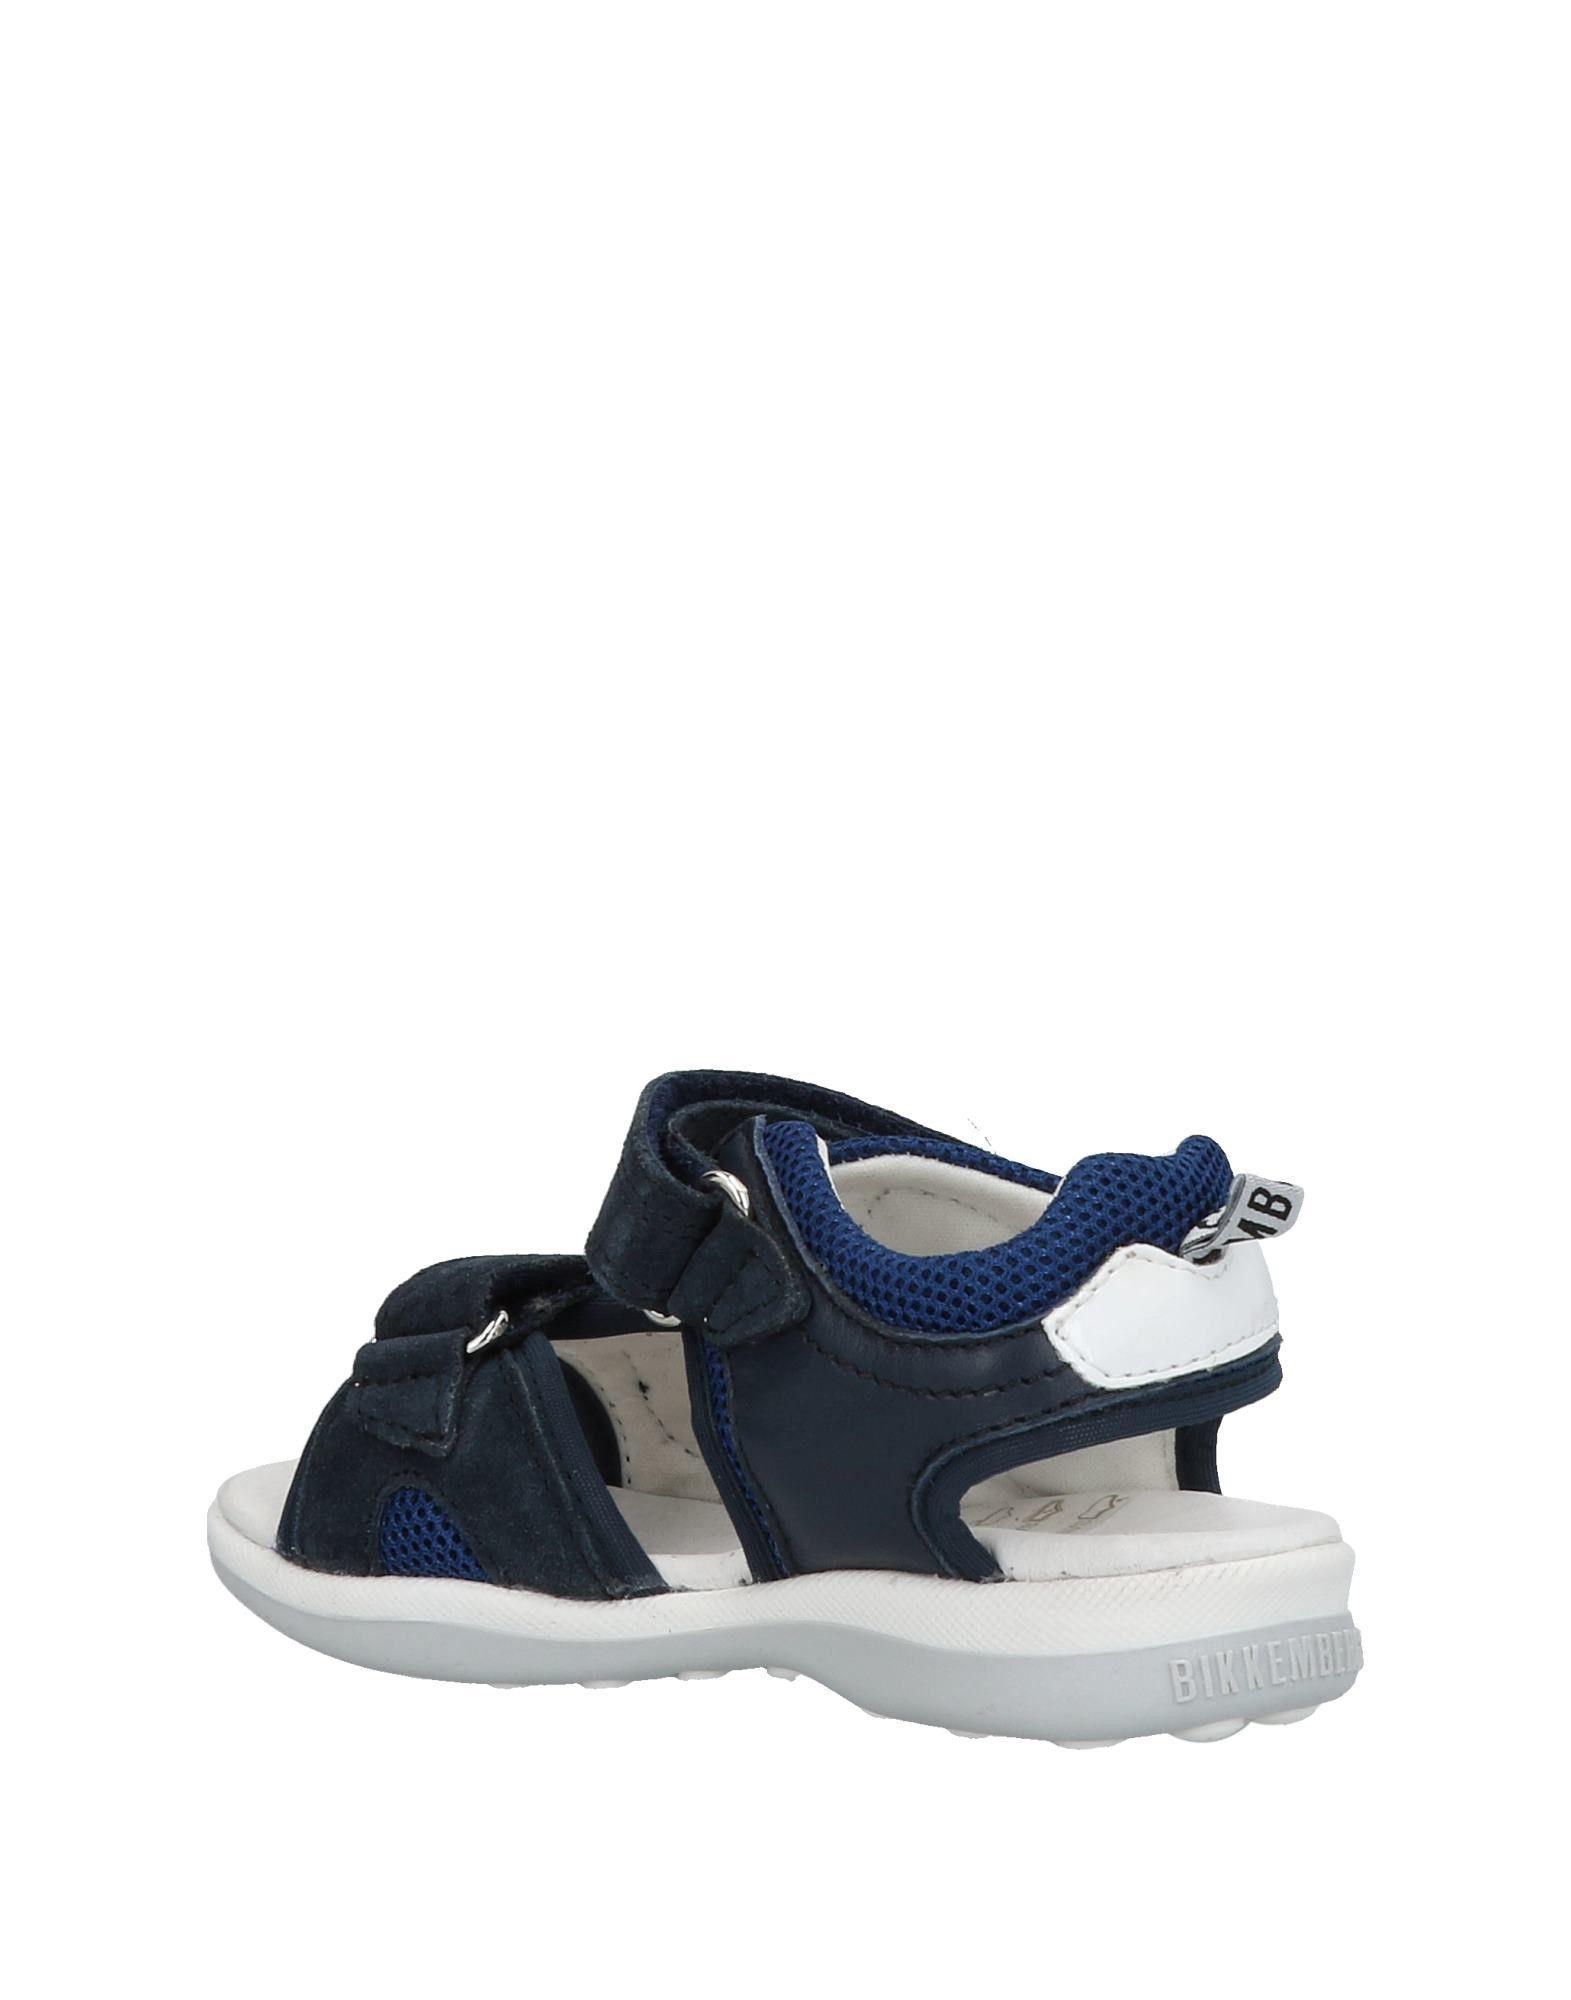 FOOTWEAR Bikkembergs Dark blue Boy Leather